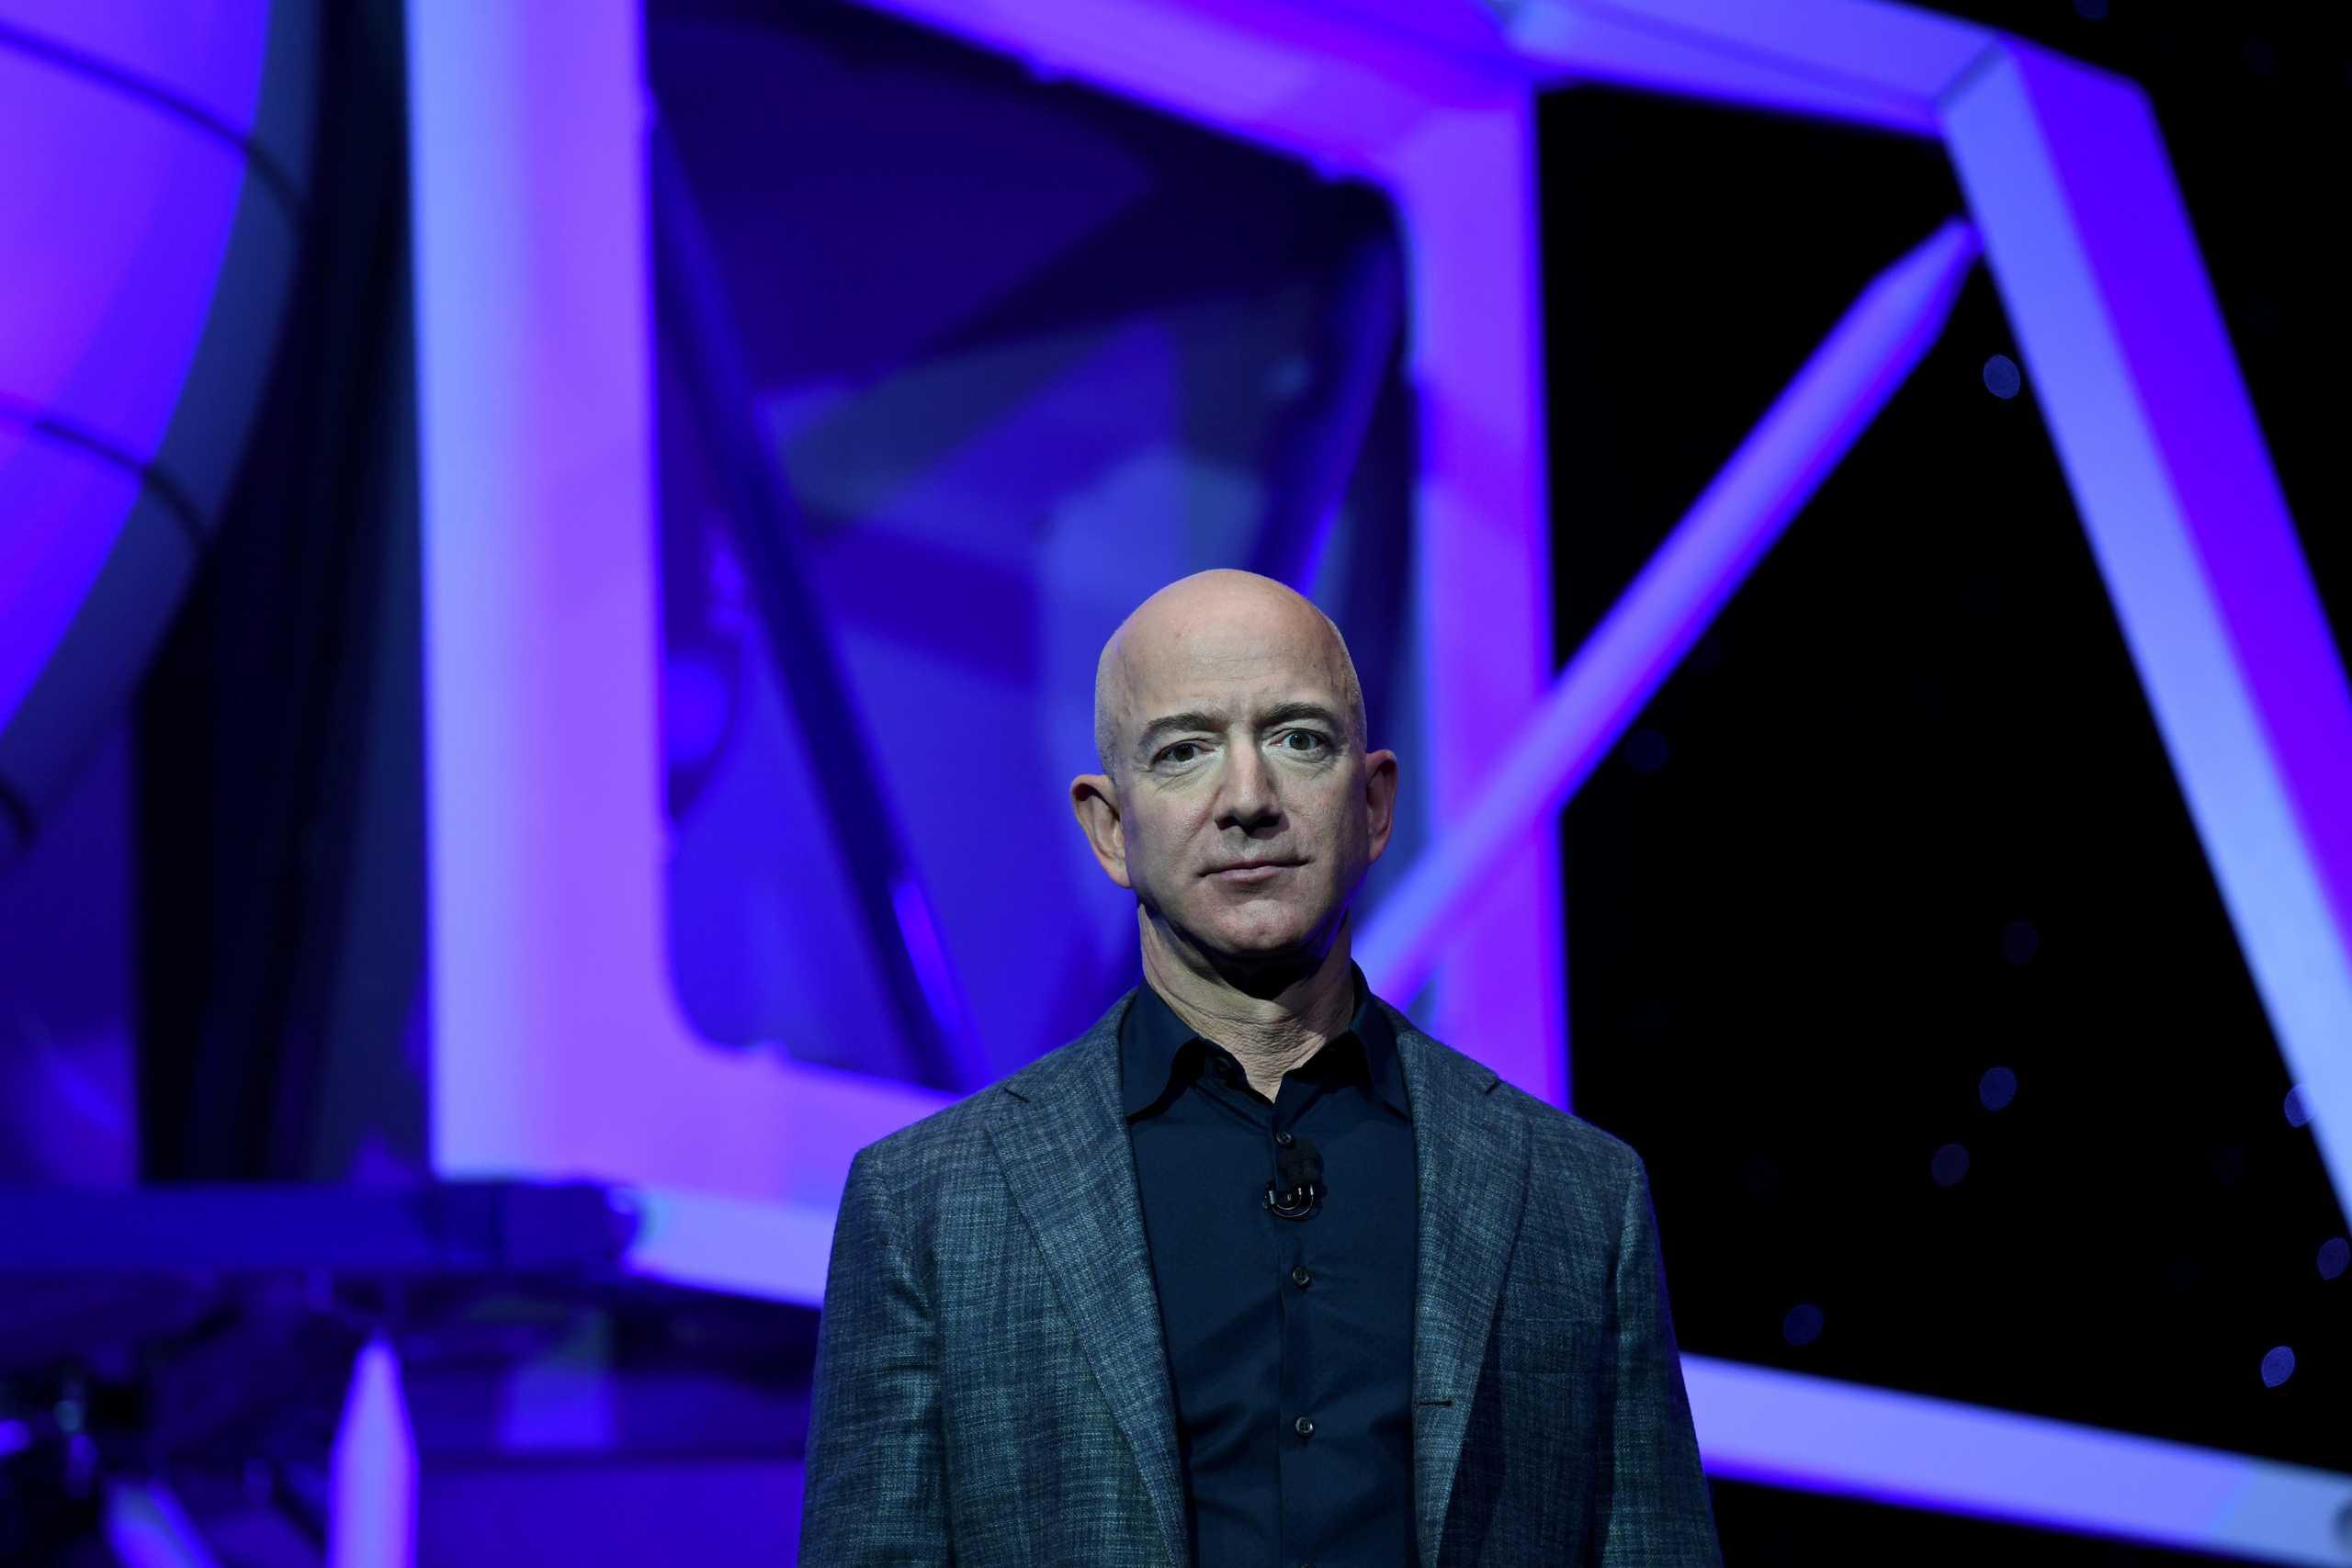 Ο Jeff Bezos παραδίδει τα «κλειδιά» της Amazon και αυτή είναι η κληρονομιά του